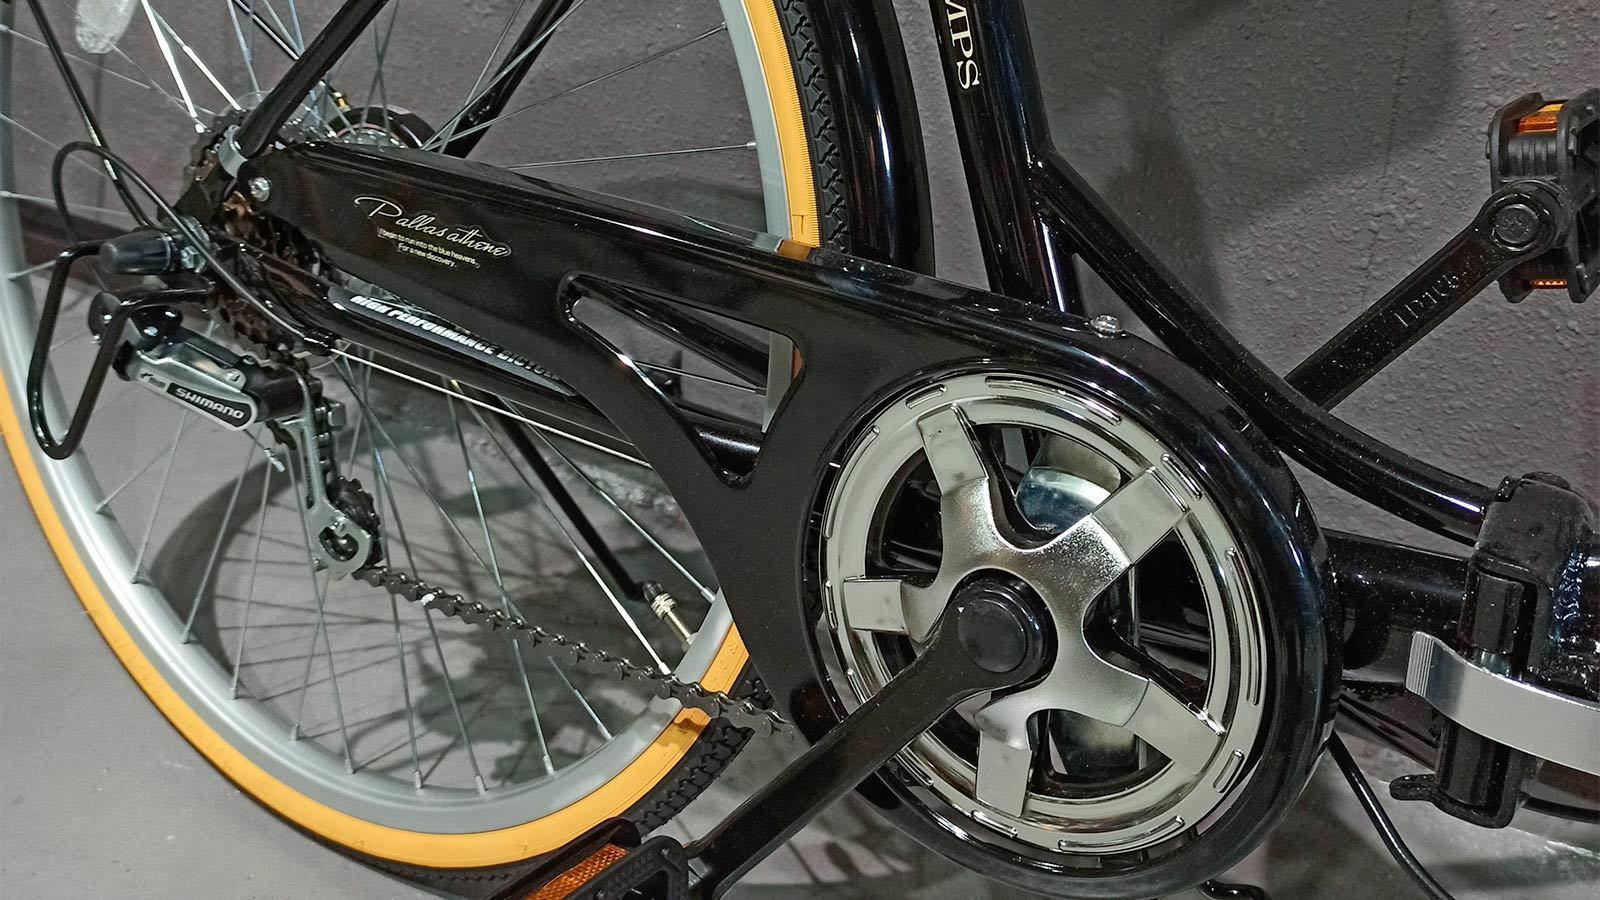 Заднее колесо и звездочка складного велосипеда